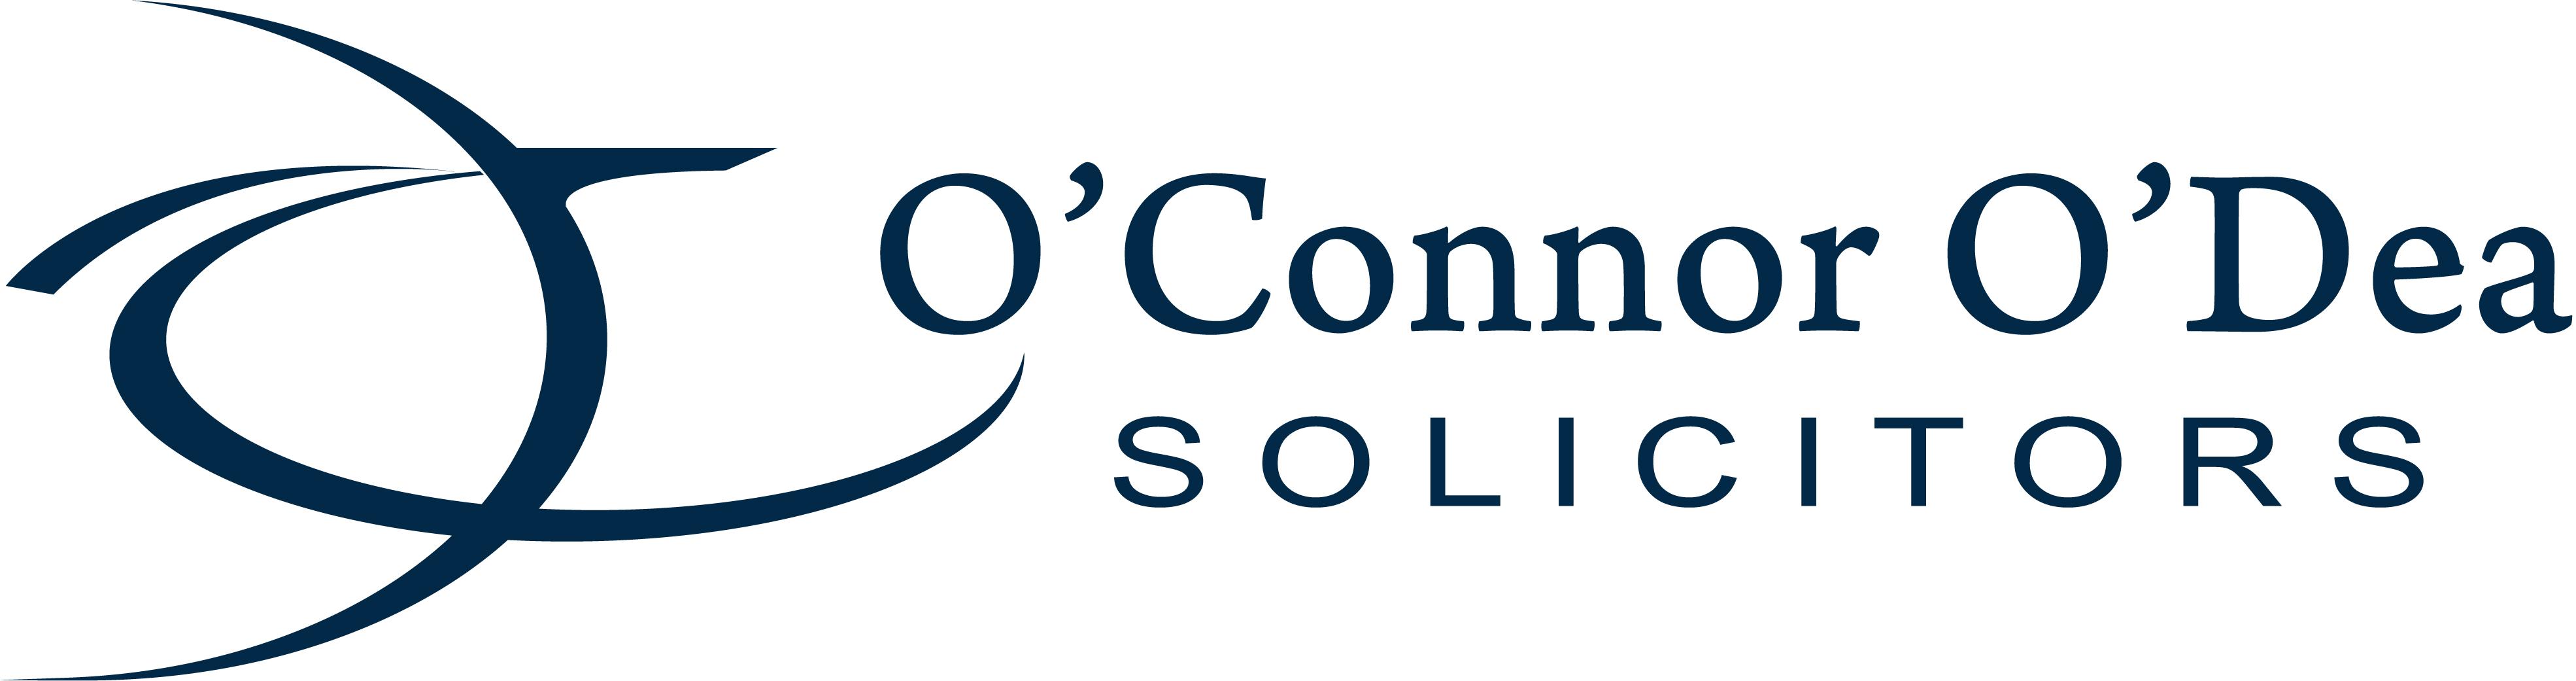 Computer: FBI logo, desktop wallpaper nr. 58616 by williamhillapp für android williamhill kontoschließung ii=Saadhu=ii